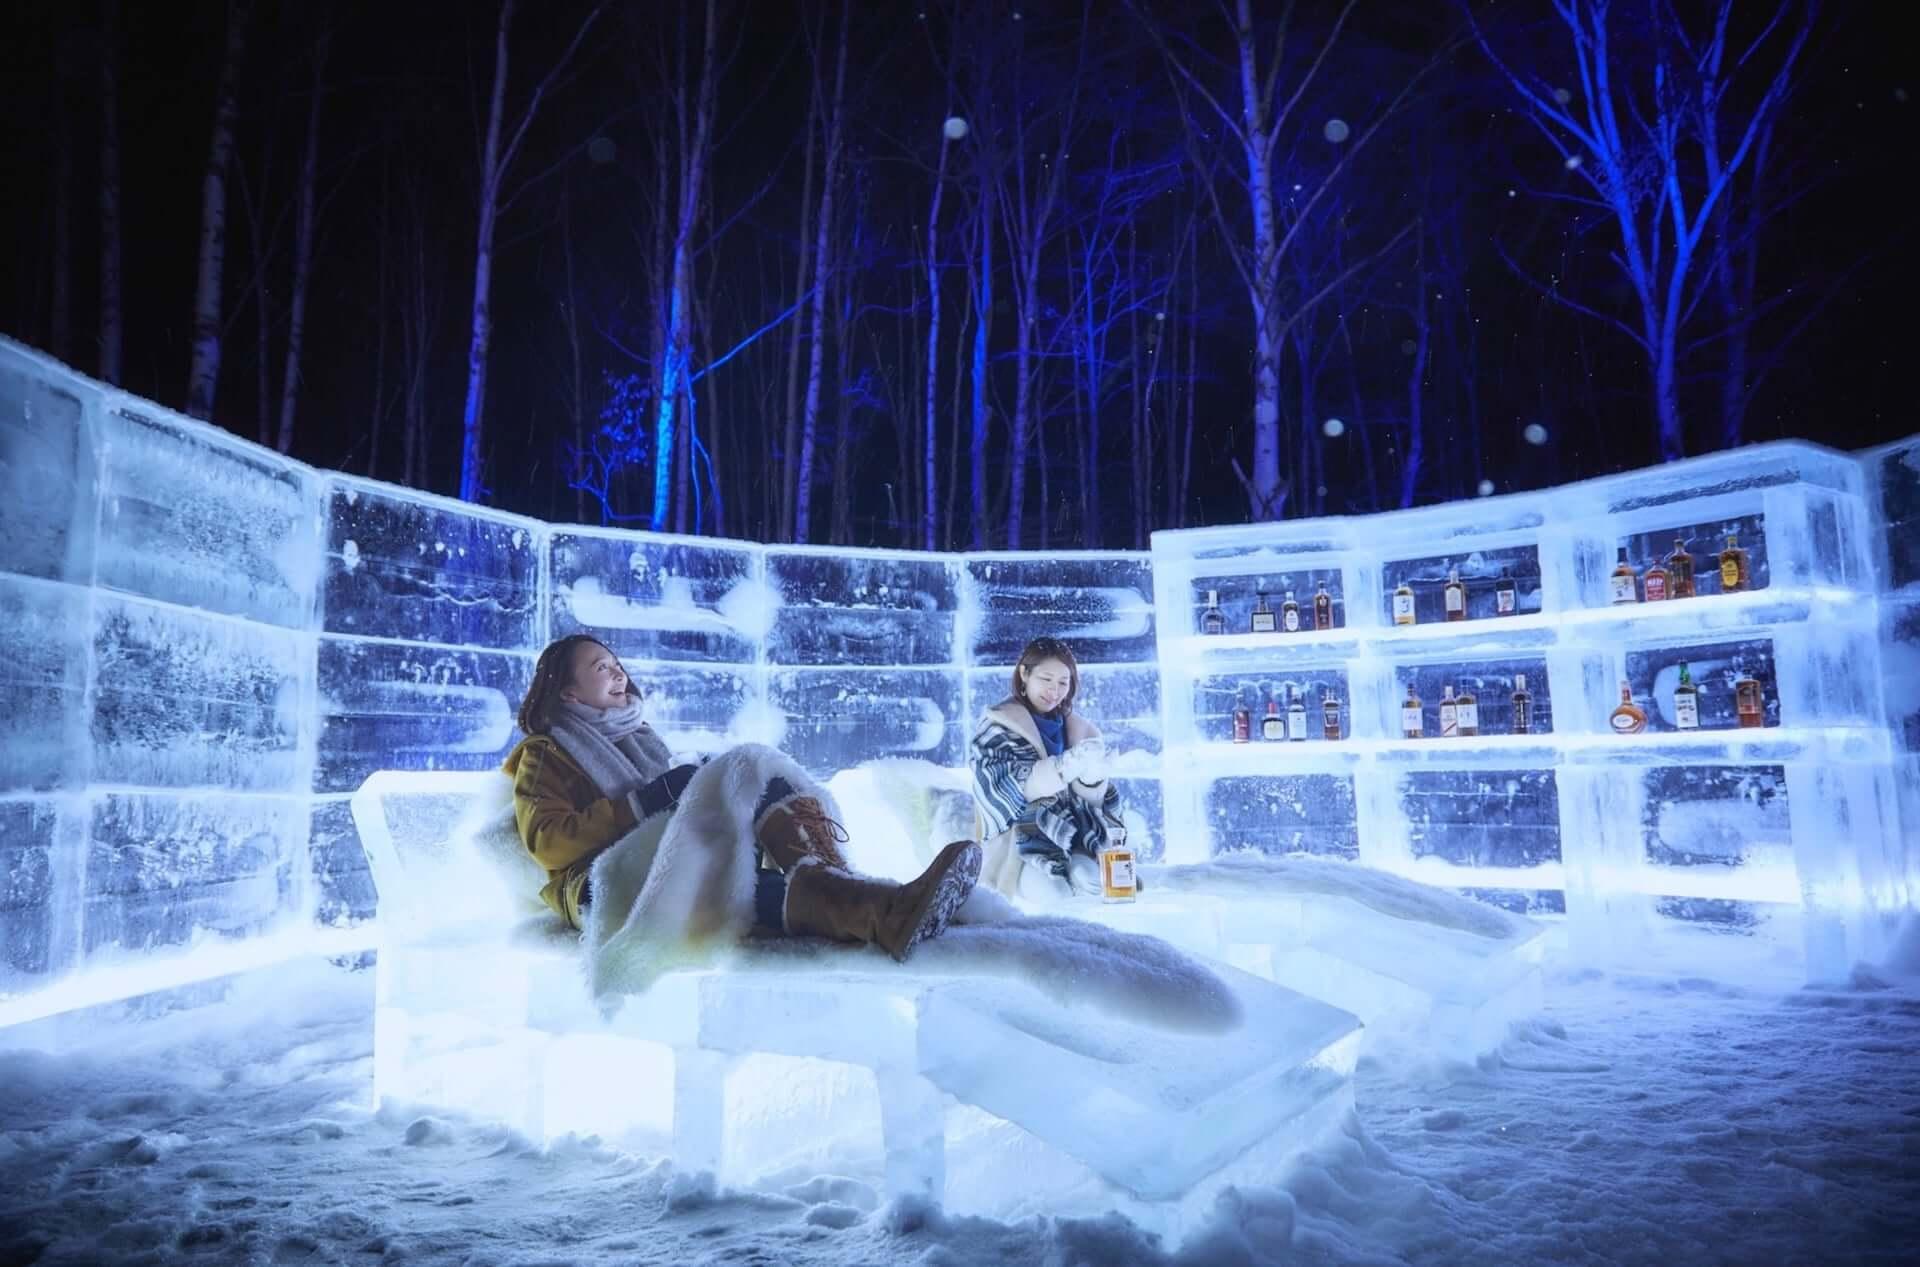 「氷の露天風呂」も堪能できる氷のホテルが北海道最大級のスノーリゾート・星野リゾート トマムに今年も登場! art201202_tomamu_4-1920x1267